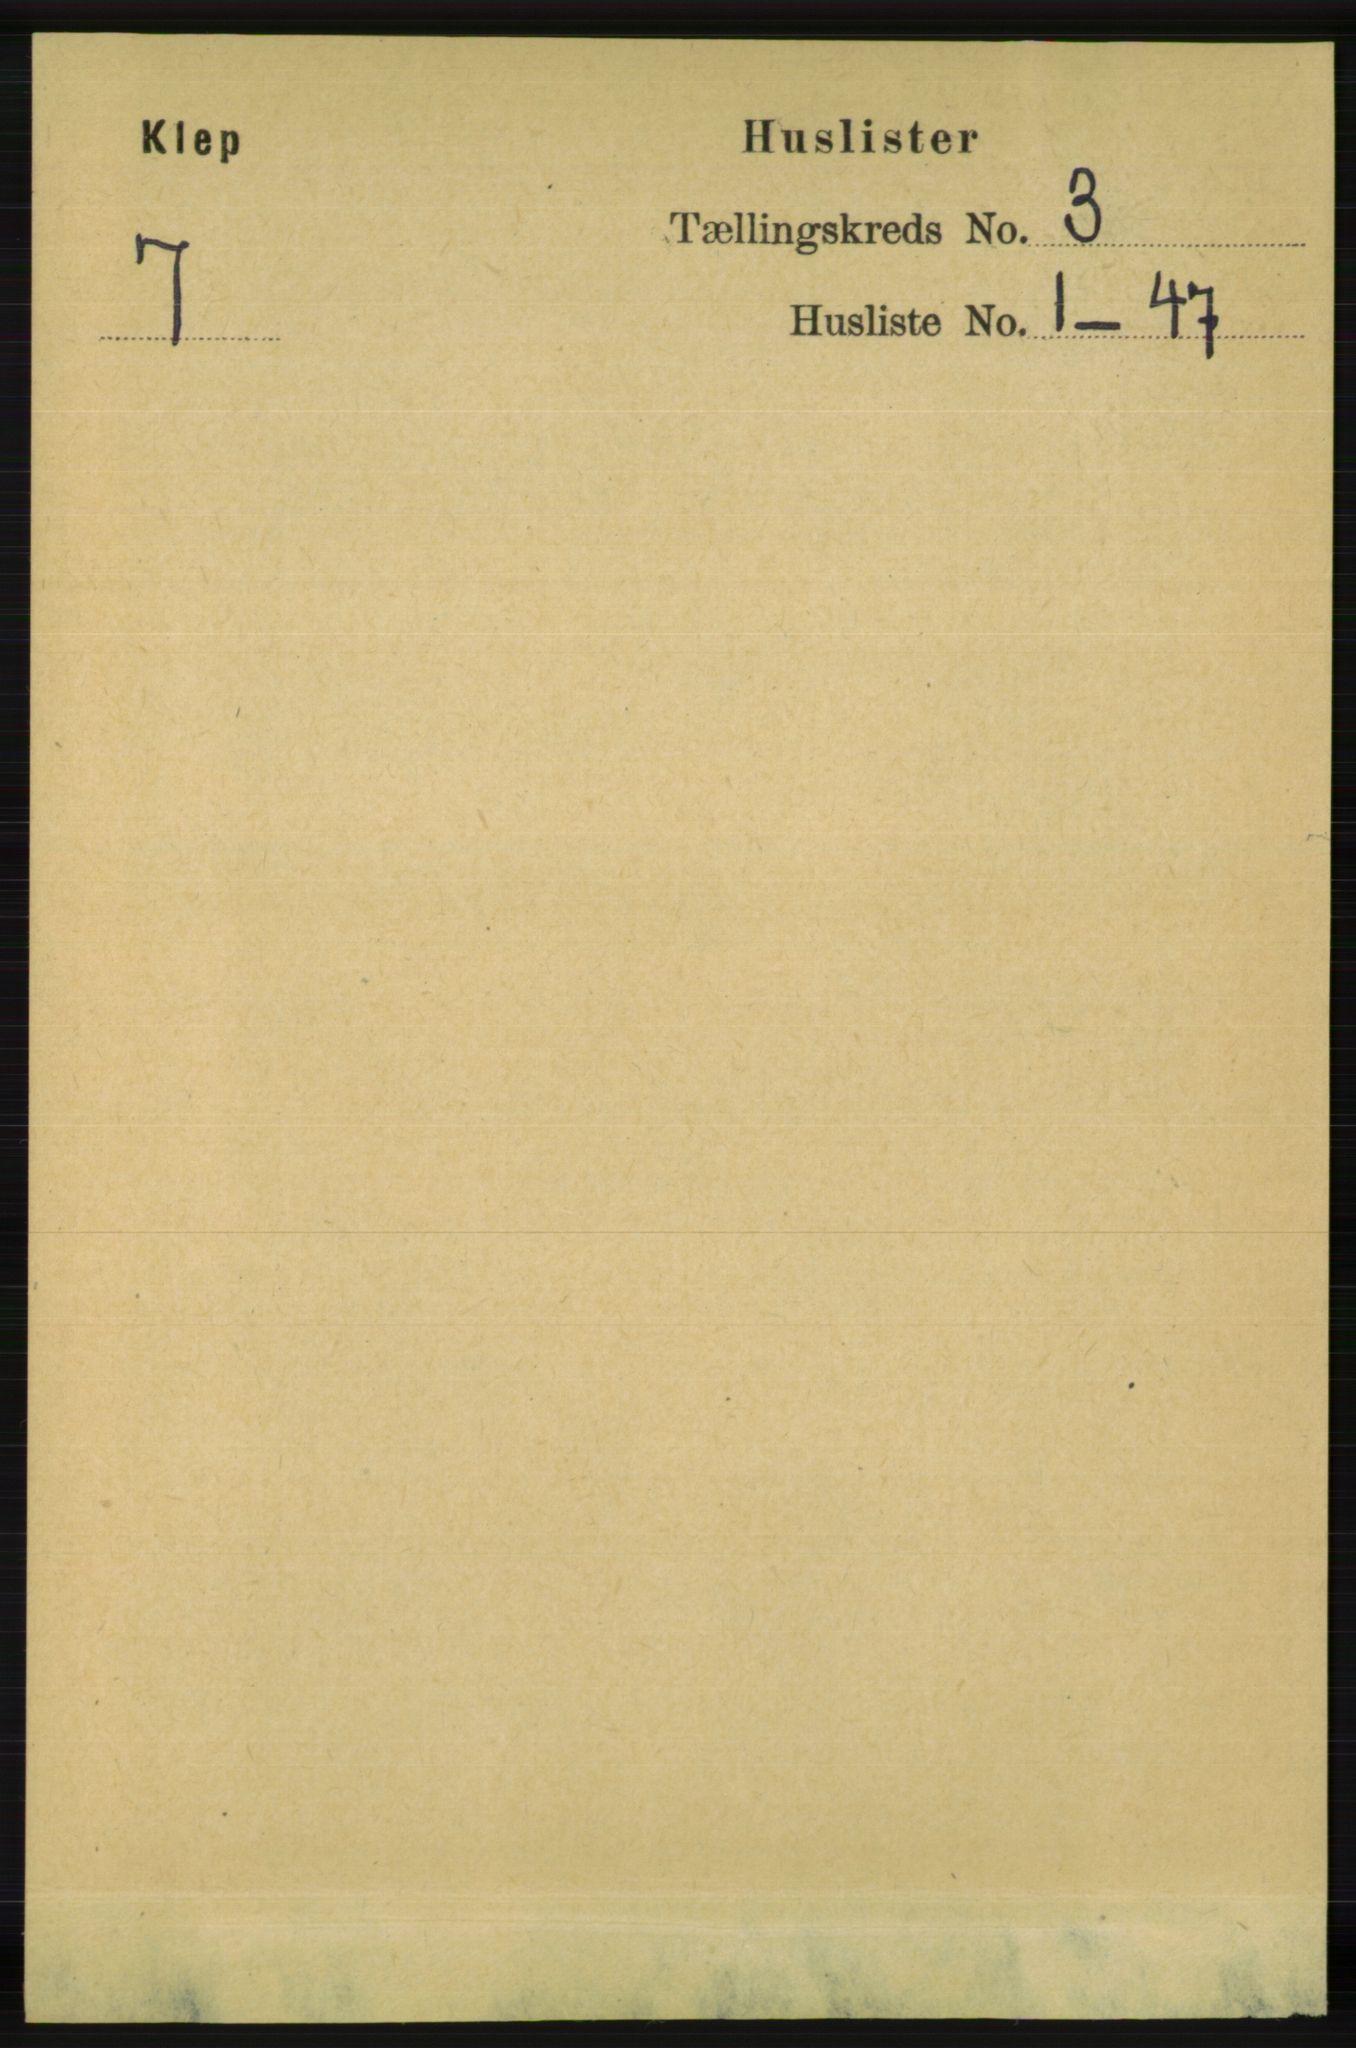 RA, Folketelling 1891 for 1120 Klepp herred, 1891, s. 590